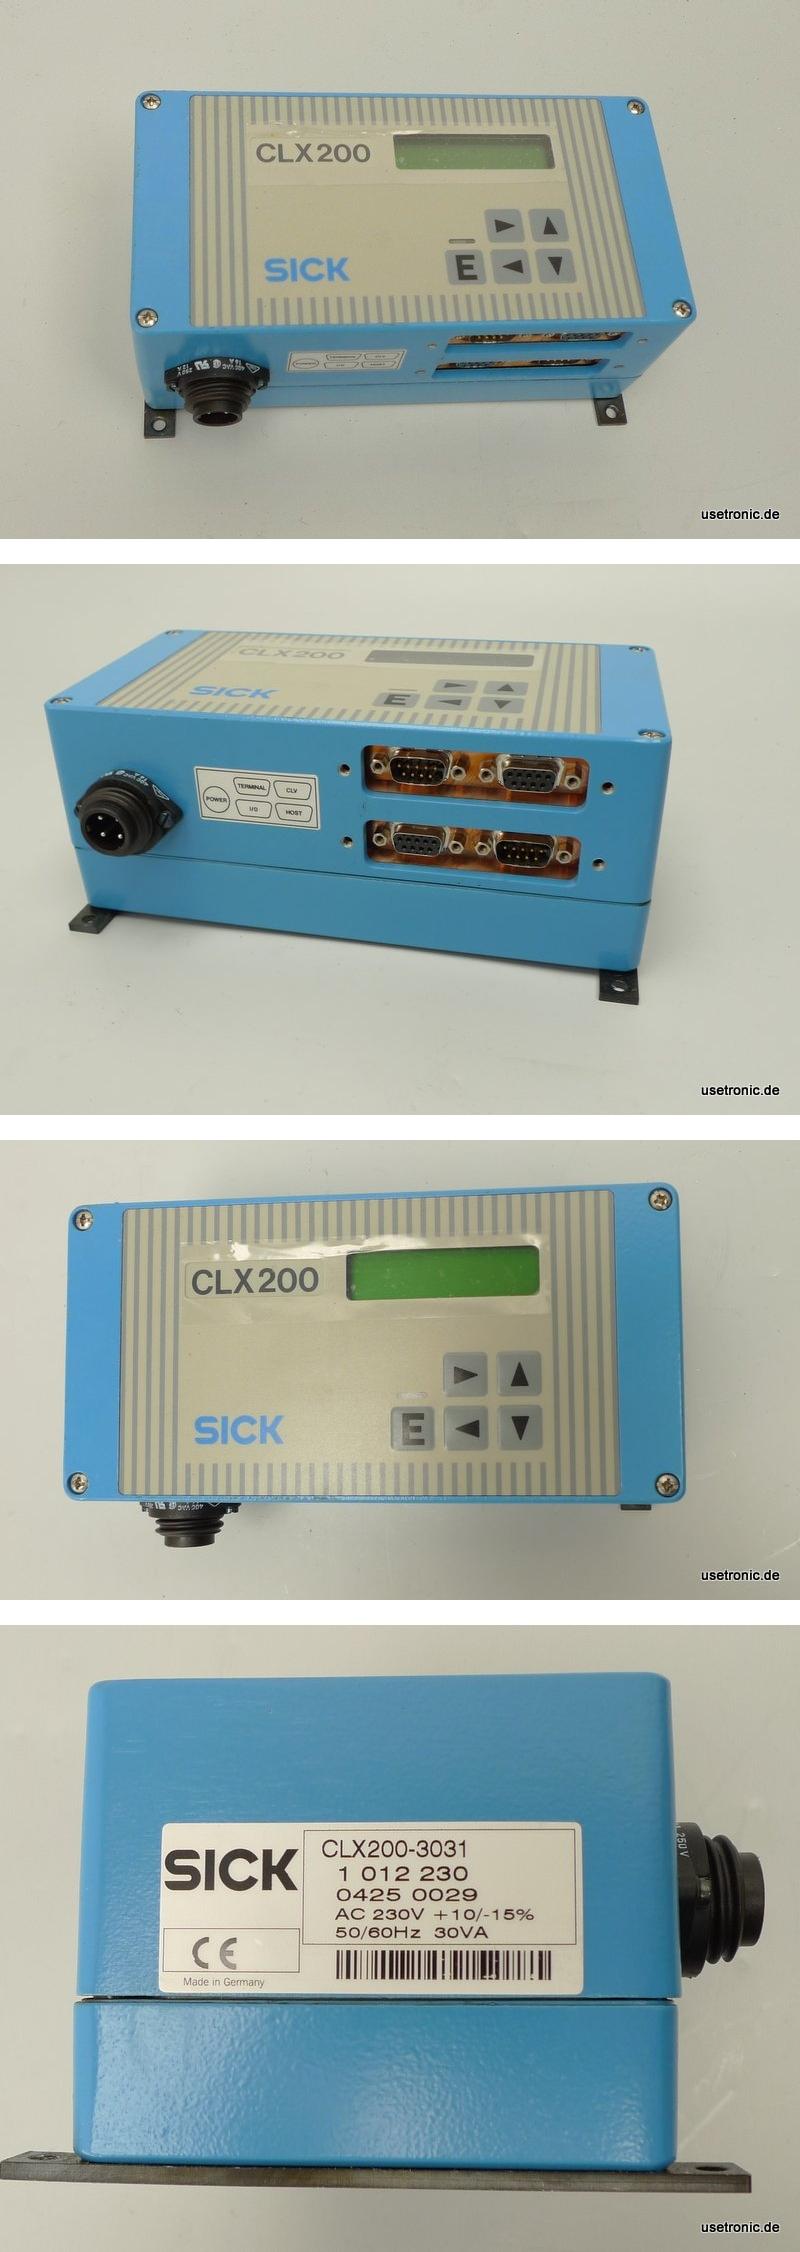 Sick CLX200-3031 CLX-200 1012230 Netzwerkcontroller